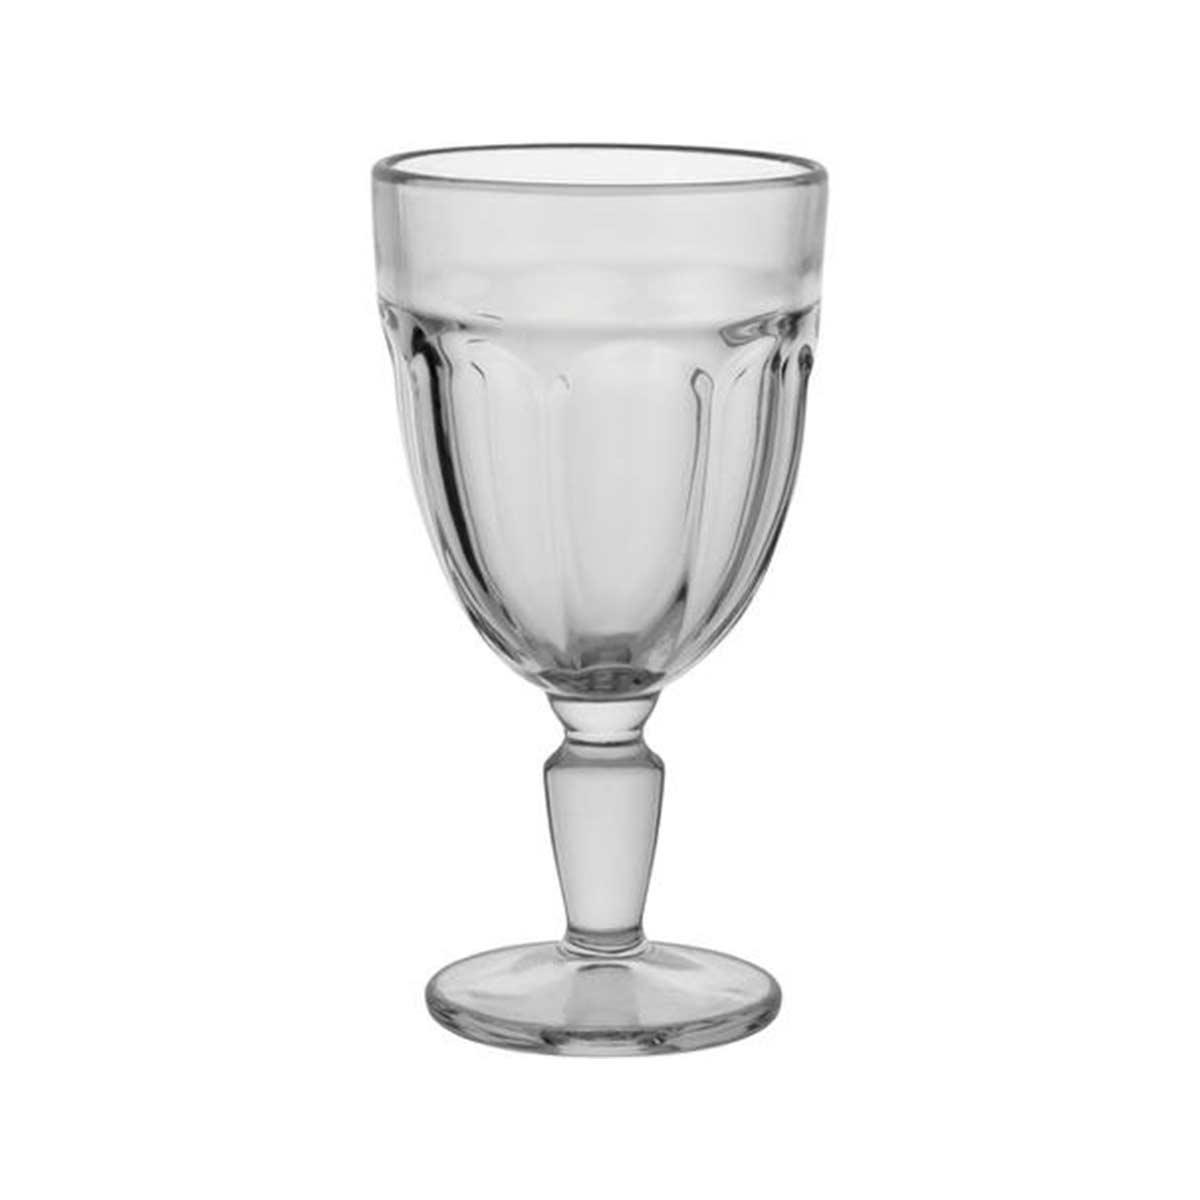 Taça de Vidro Transparente Gavin 310 ml  - Lemis